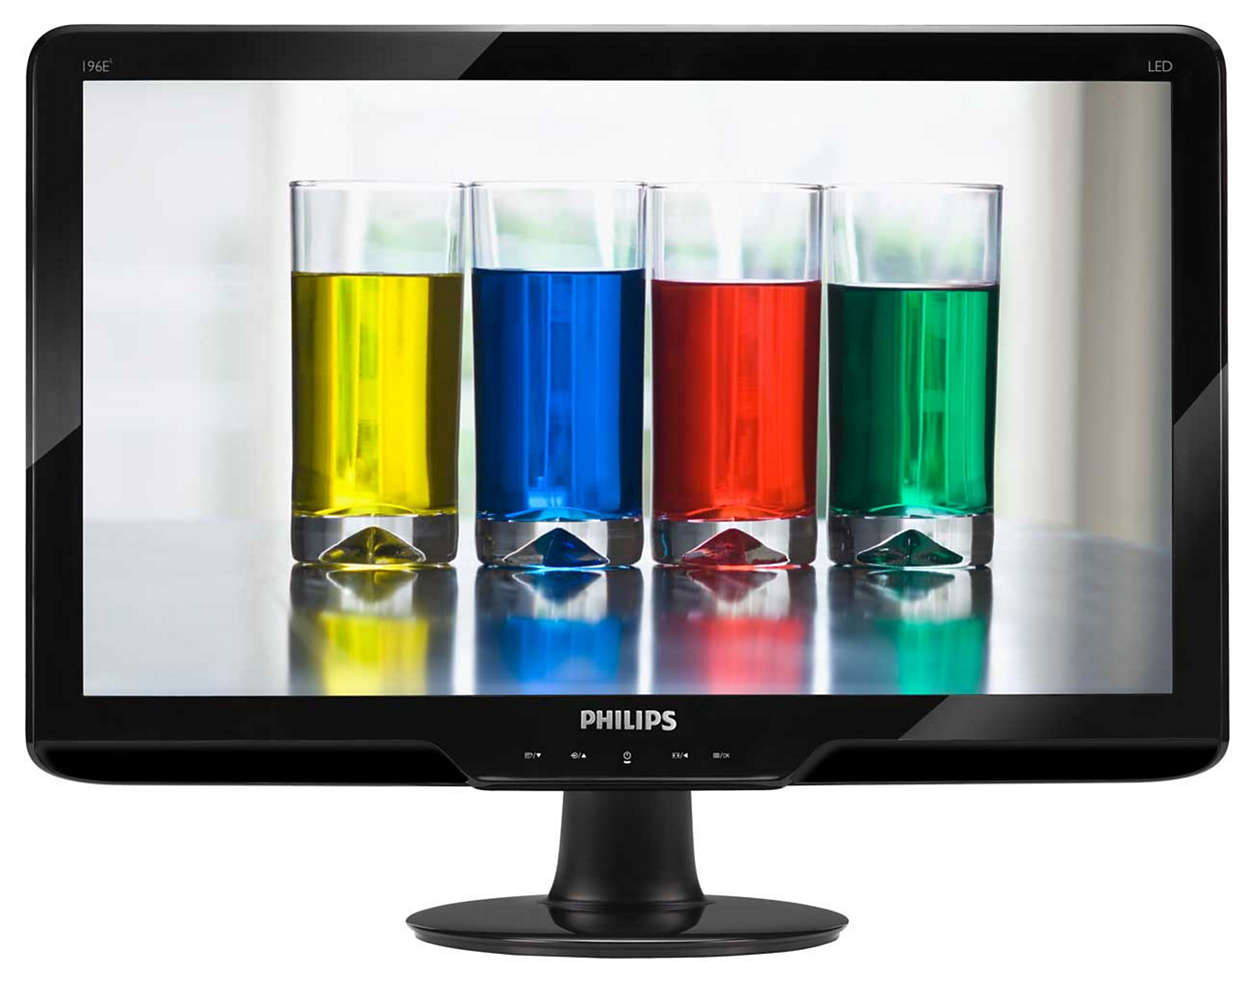 Tyylikäs LED-näyttö, jossa on luonnolliset värit